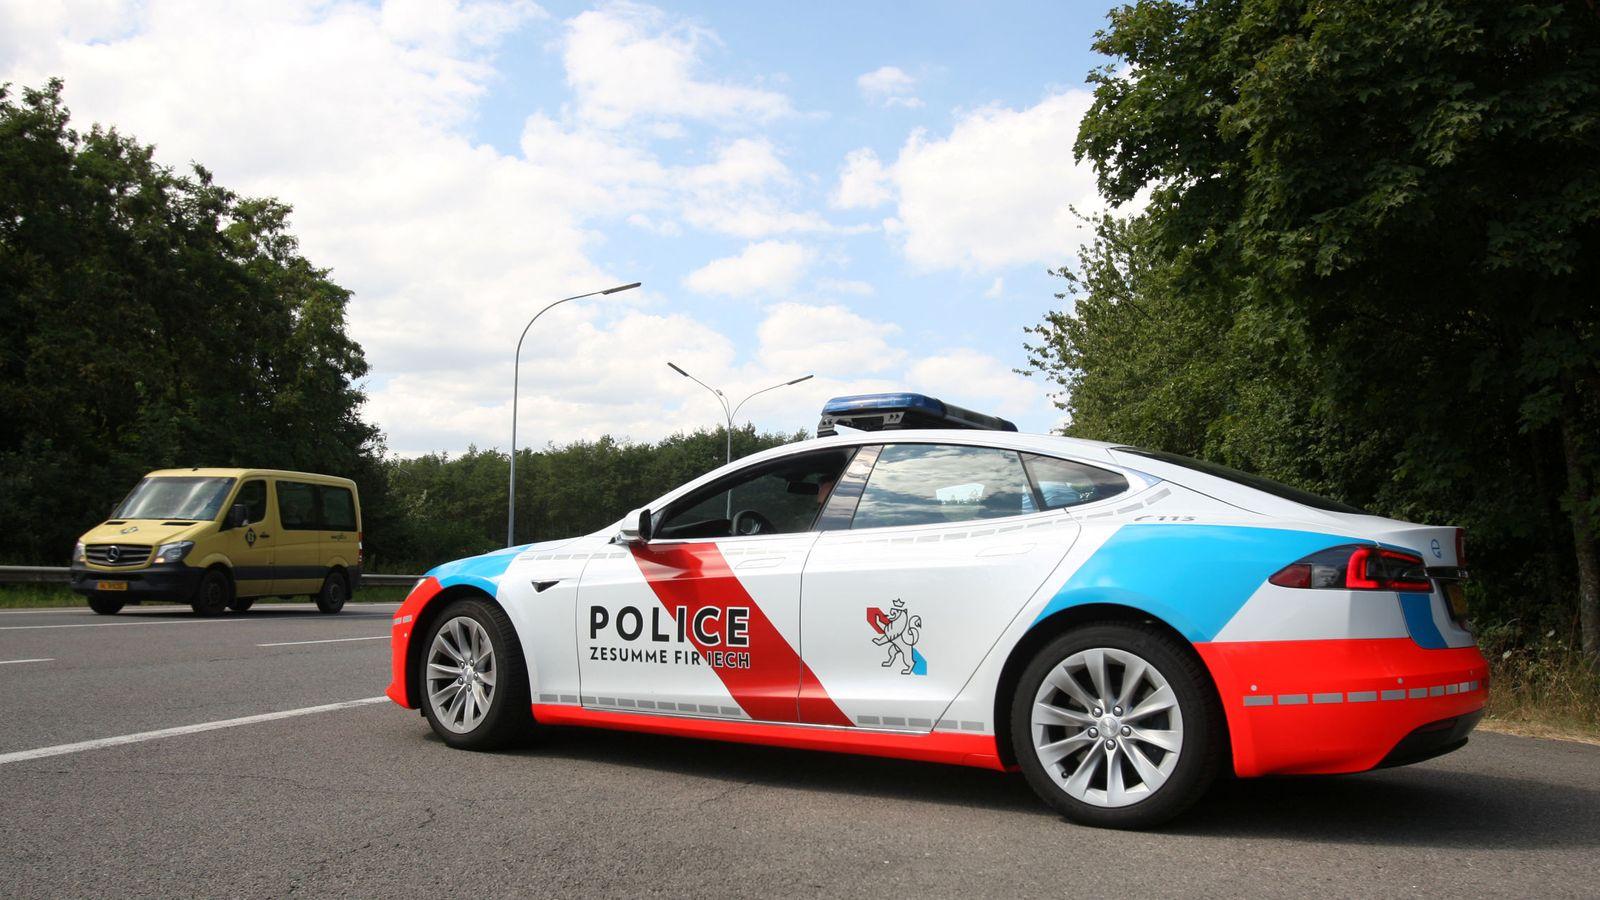 Foto: Luxemburgo también ha incorporado coches eléctricos Tesla a su departamento de policía (Reuters/Clement Rossignol)